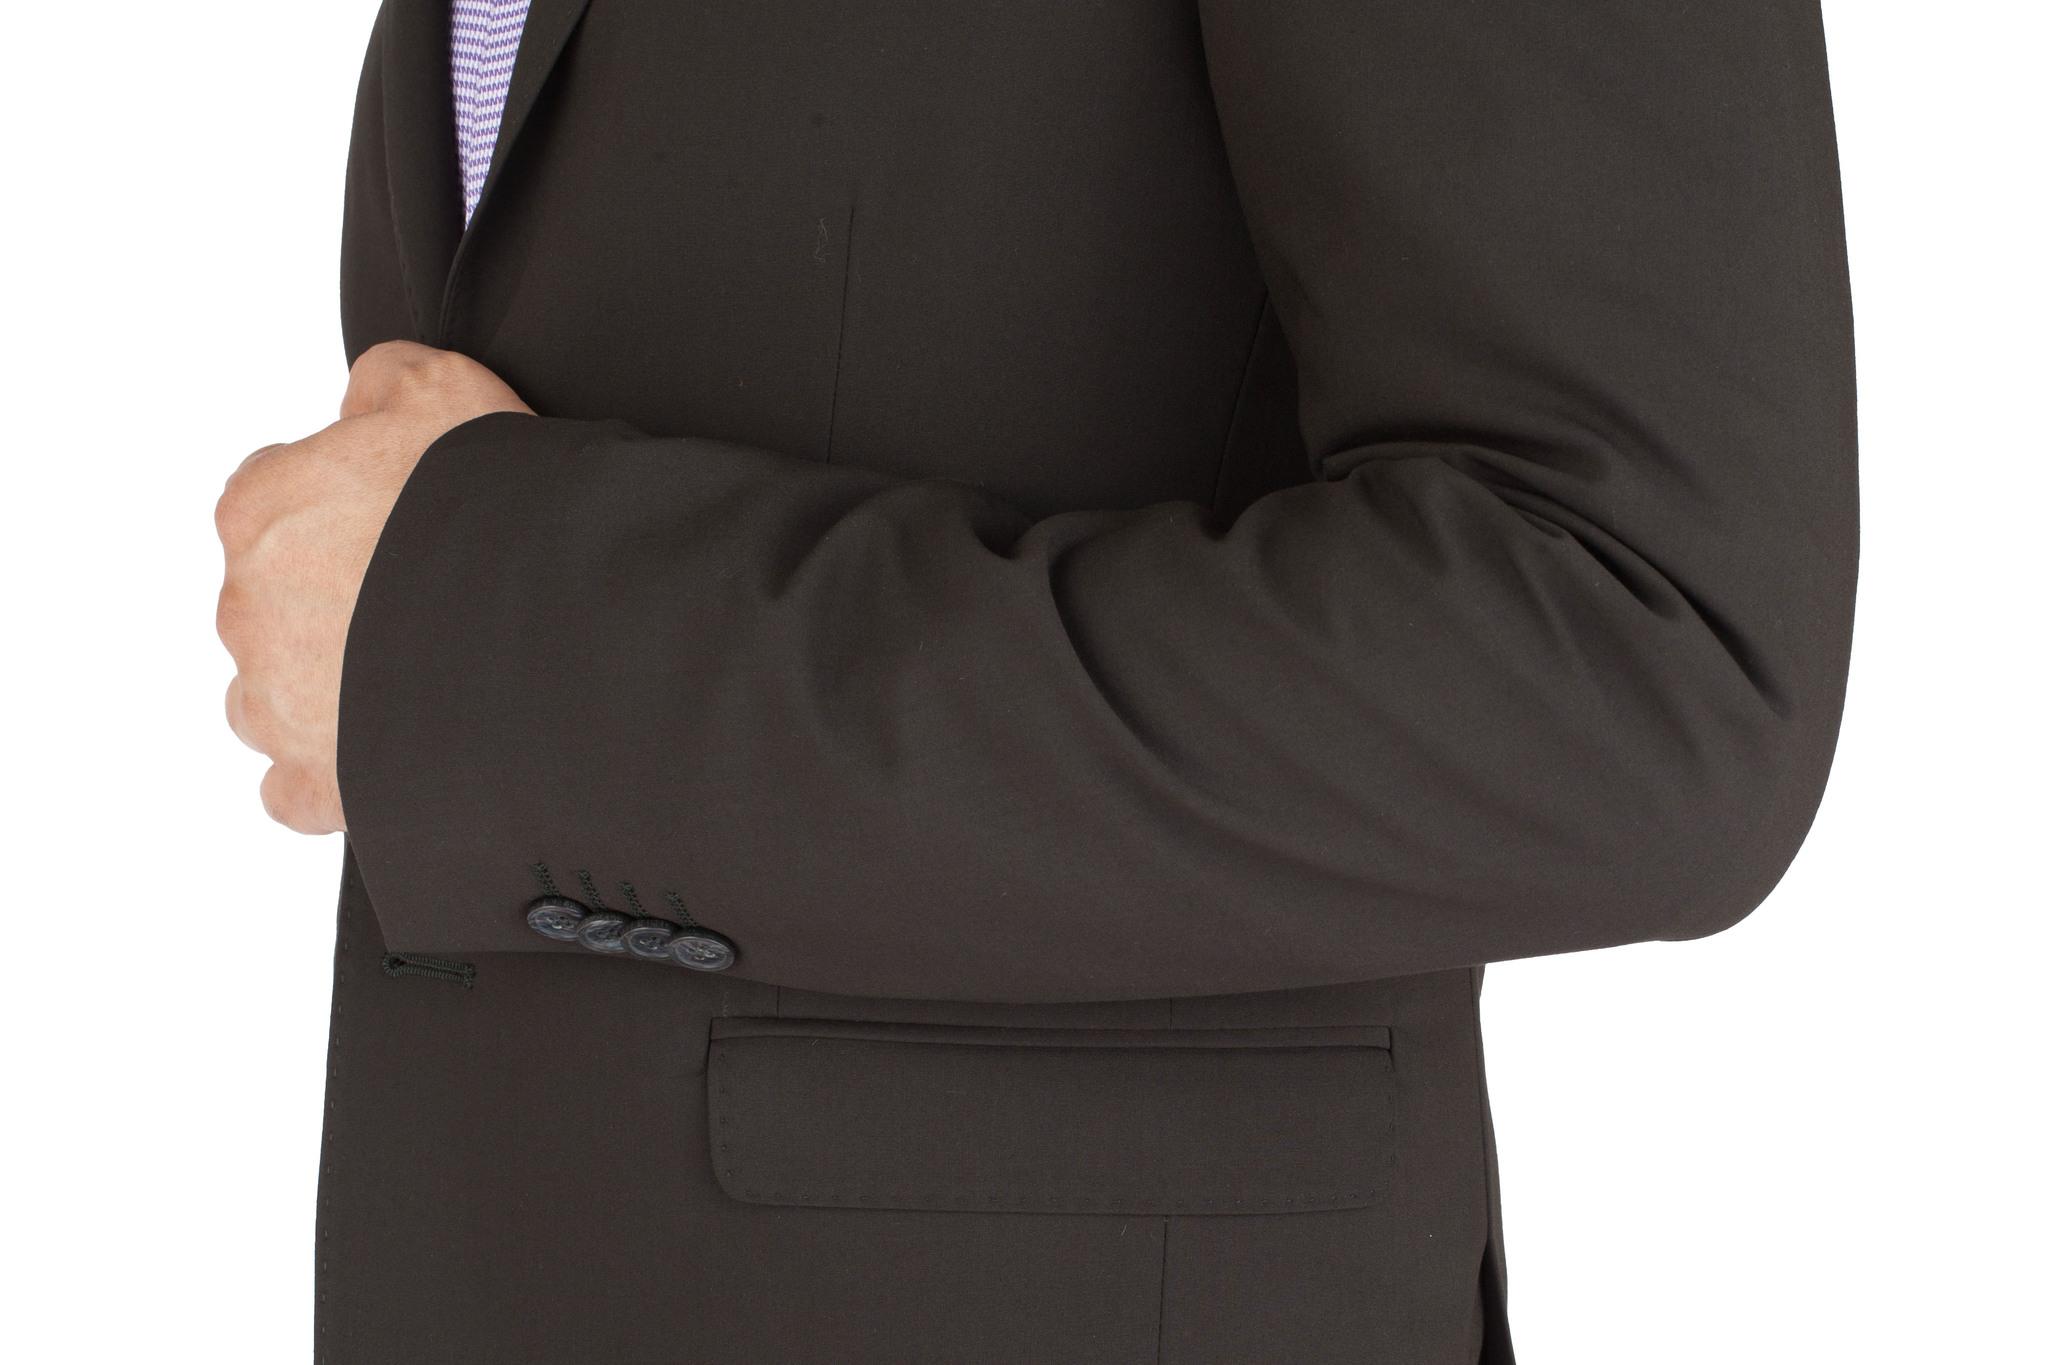 Чёрный шерстяной костюм, накладной карман